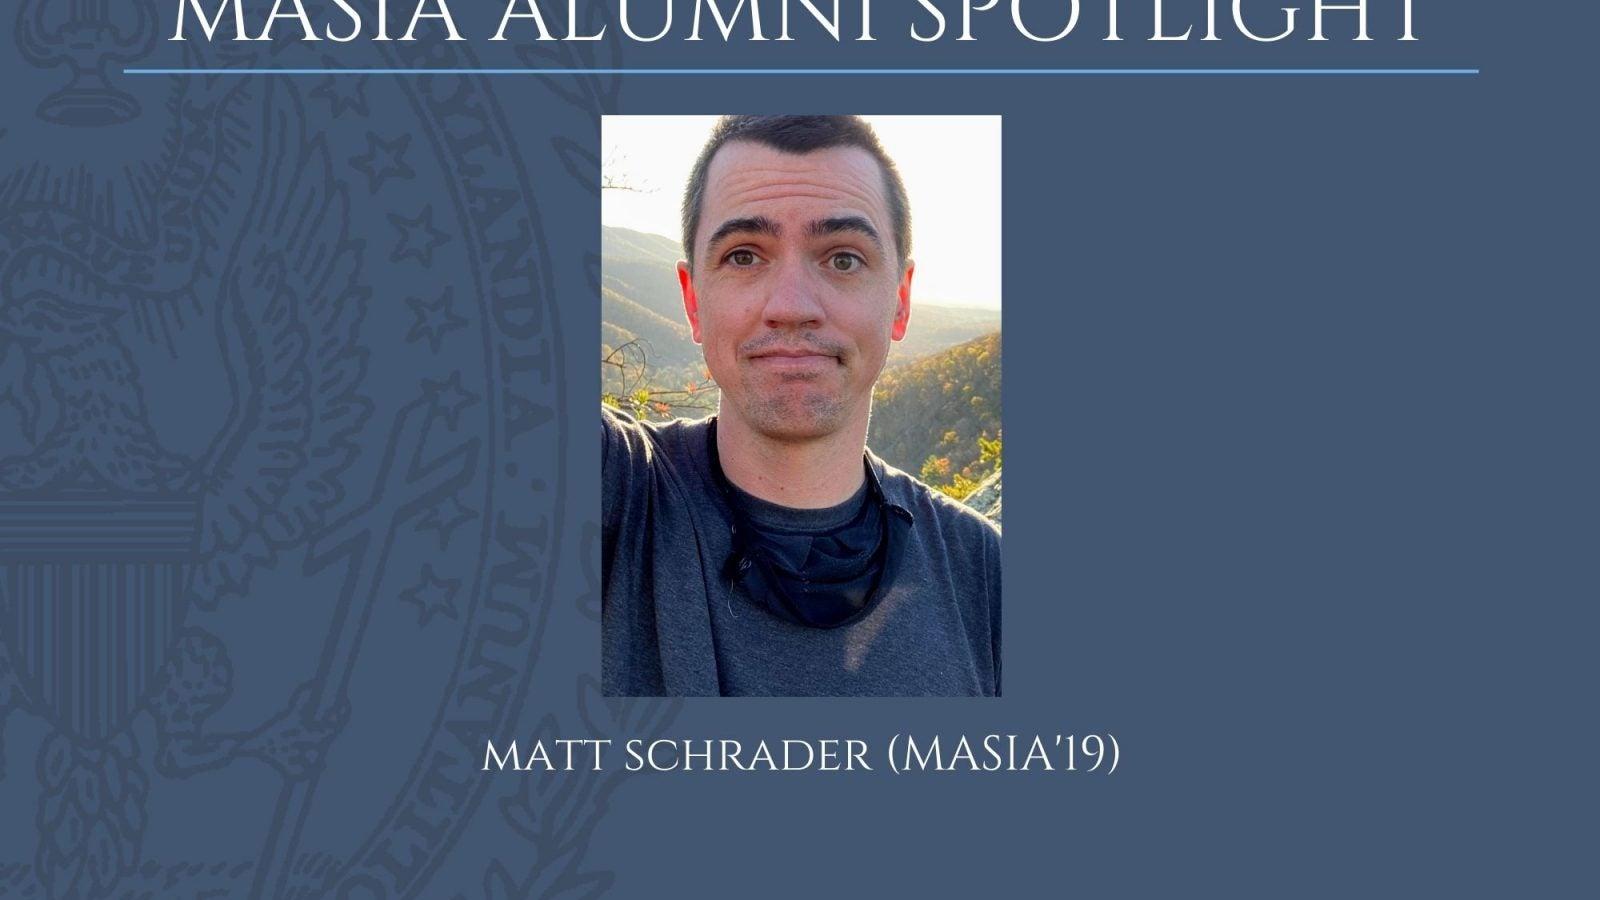 Matt Schrader headshot